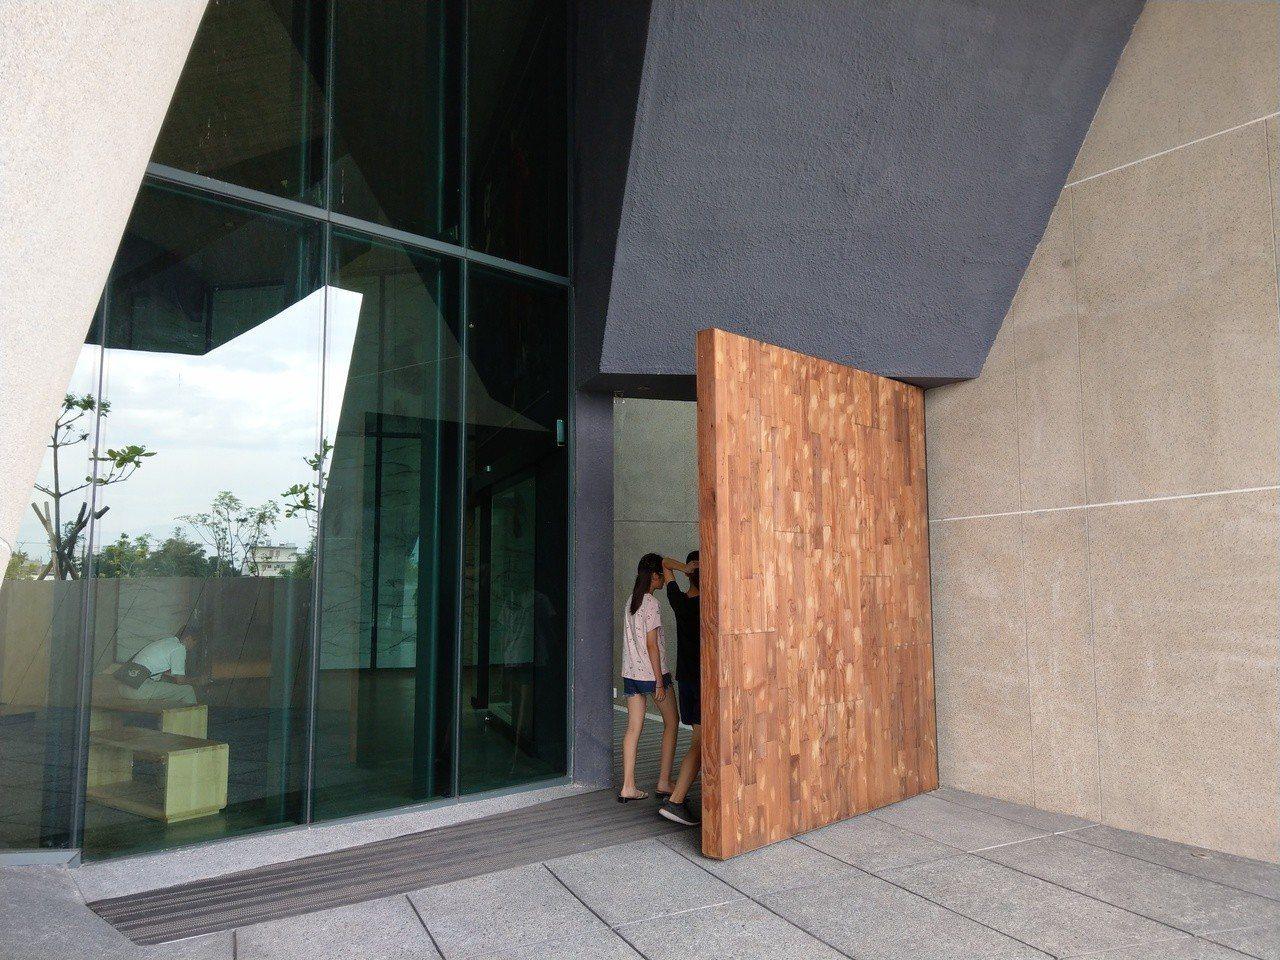 壯圍沙丘旅遊服務園區的主體建築,大門入口不明顯也沒有指標,遊客經常不得其門而入。...